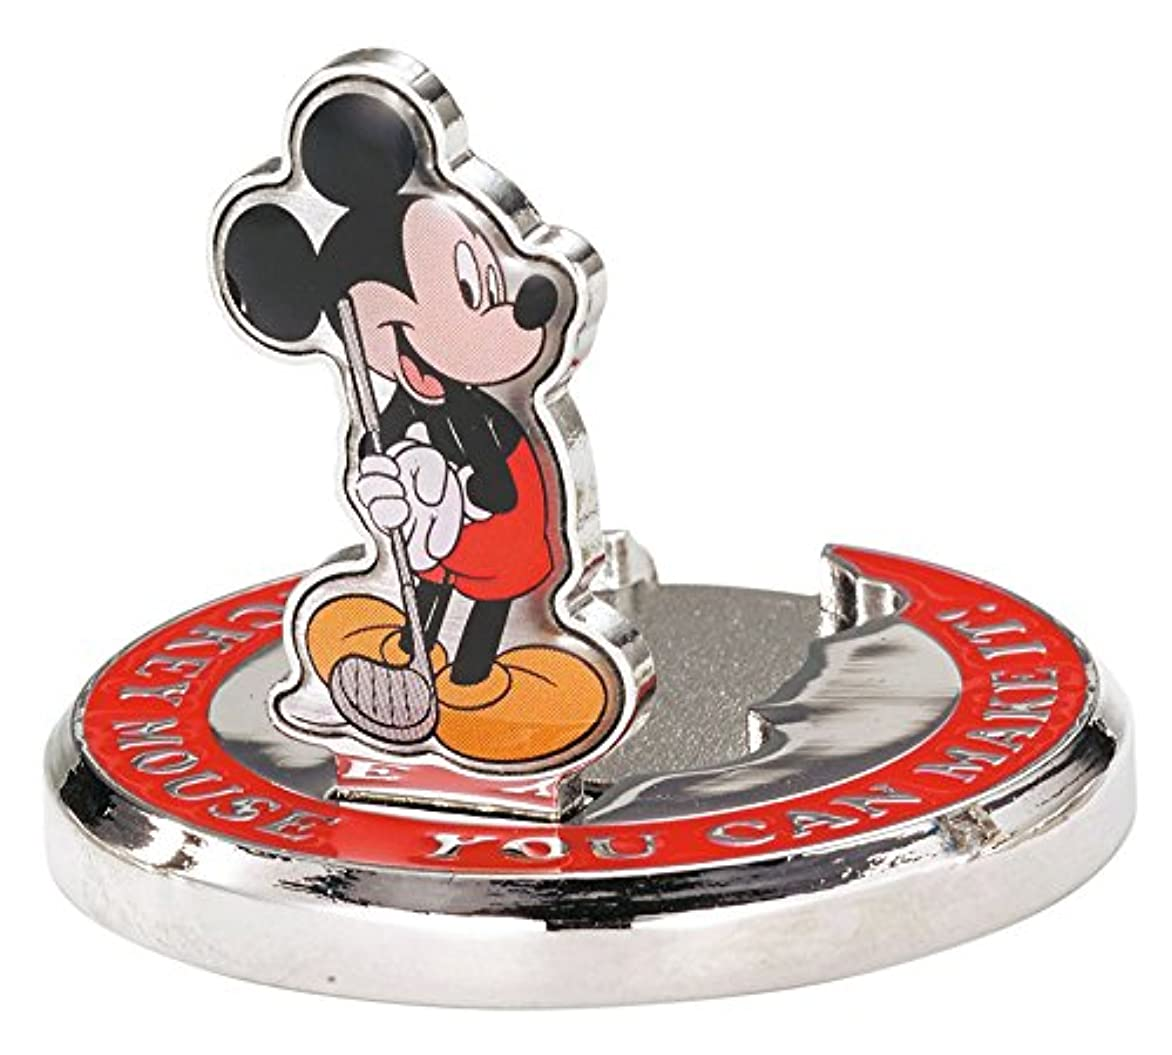 貸す最大の誓いDUNLOP(ダンロップ) グリーンマーカー Disney ディズニー スタンドアップマーカー GGF-20438 ミッキー